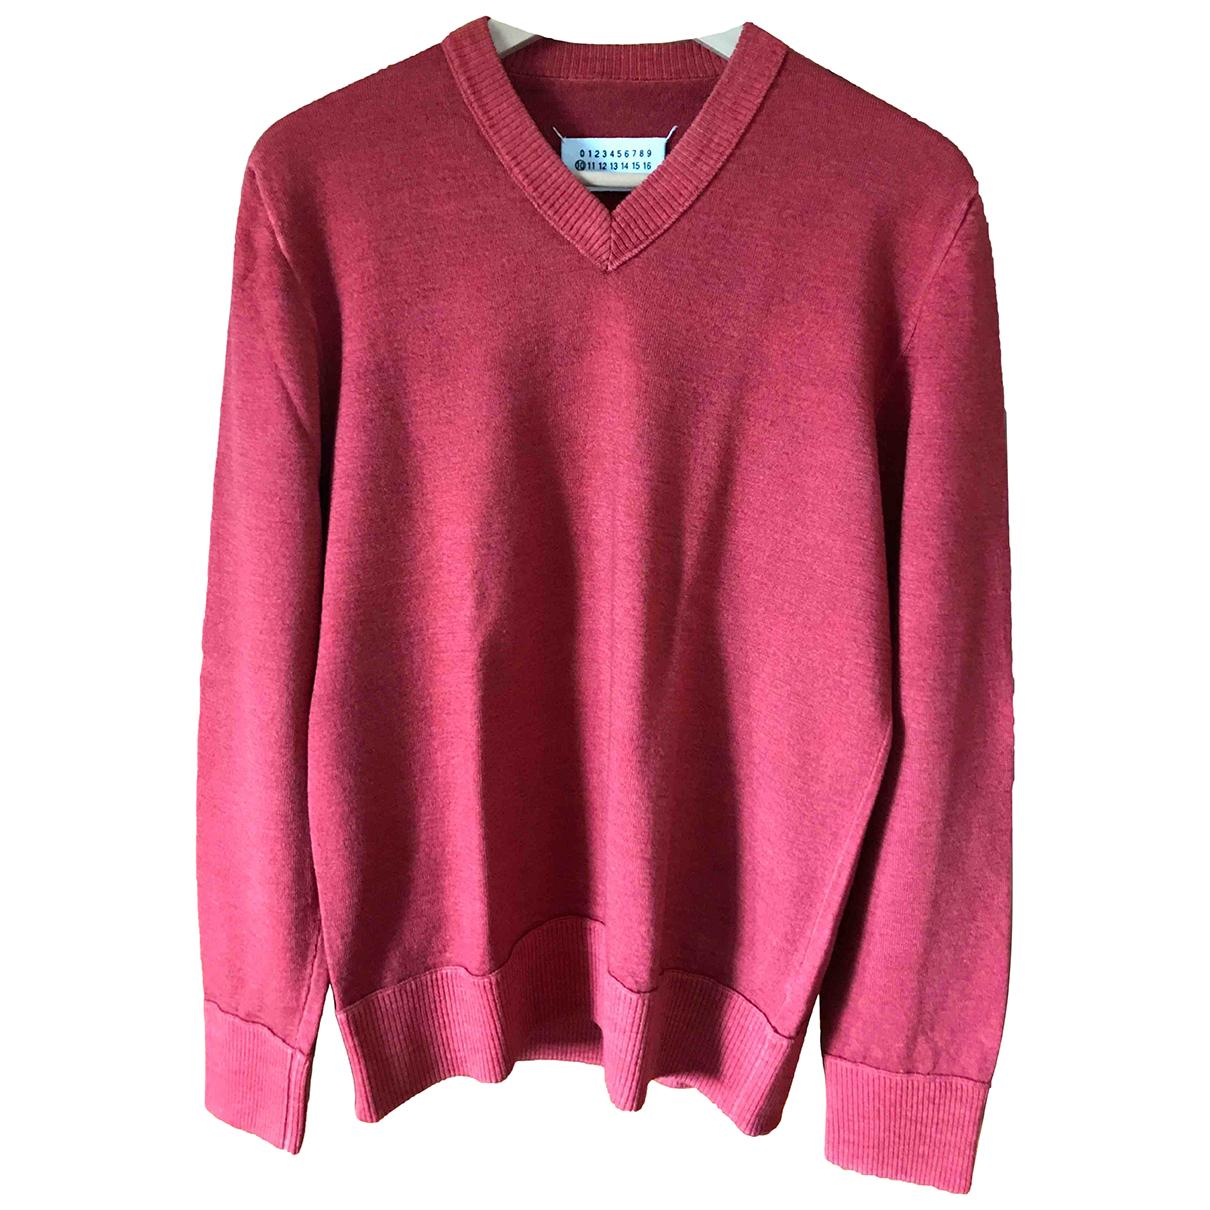 Maison Martin Margiela - Pulls.Gilets.Sweats   pour homme en laine - rouge